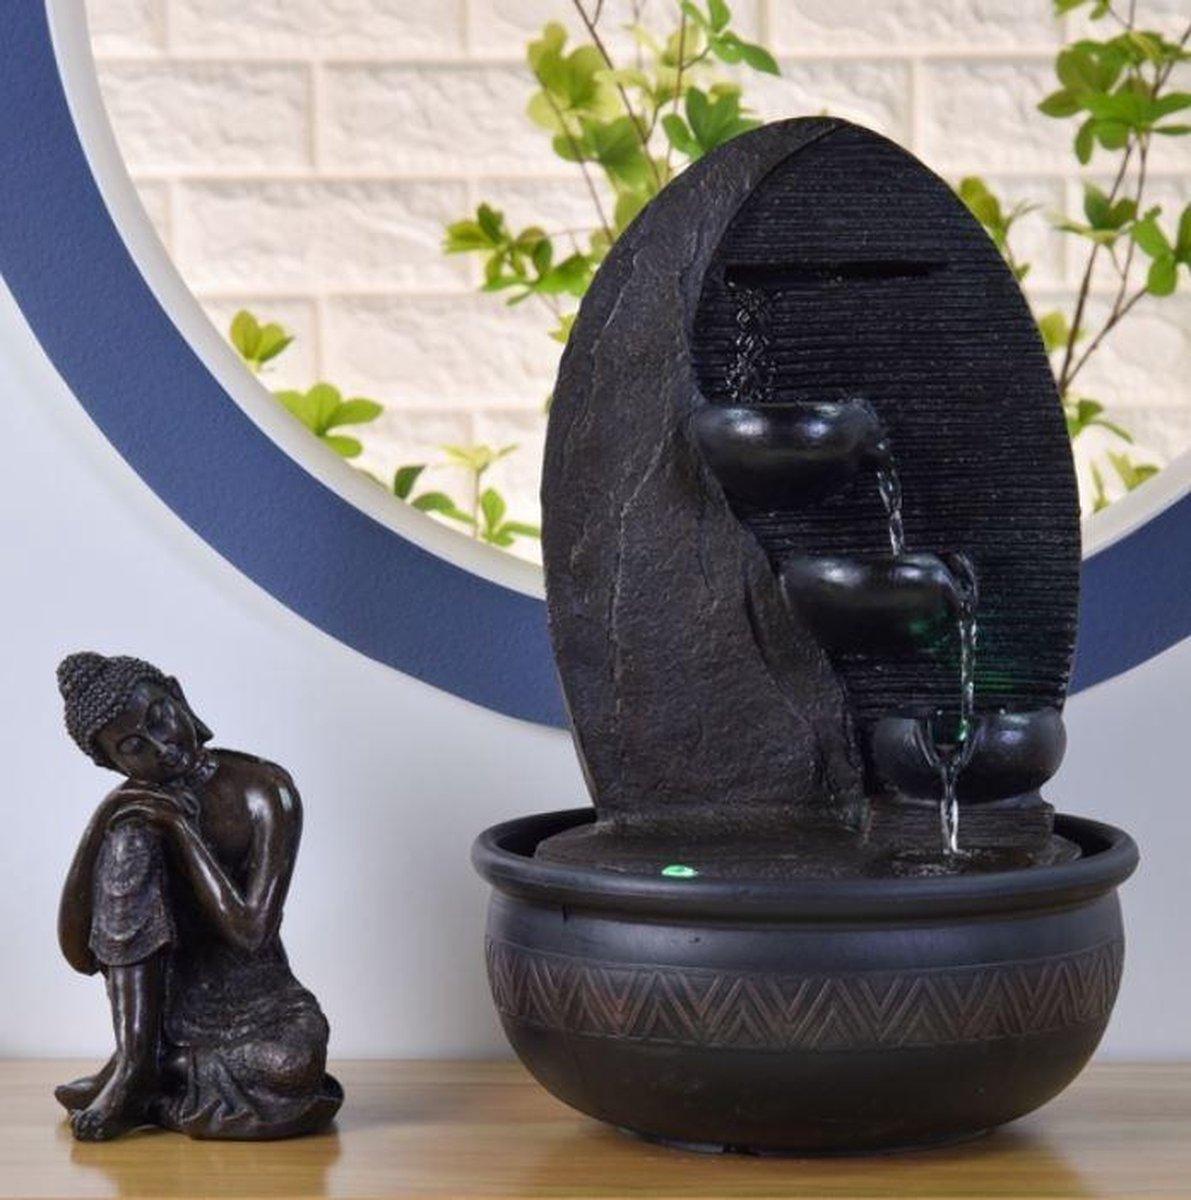 Fontein Boeddha Grace 40 cm hoog - fontein - interieur - fontein voor binnen - relaxeer - zen - waterornament - cadeau - geschenk - relatiegeschenk - kerst - nieuwjaar - origineel - lente - zomer - lentecollectie - zomercollectie - afkoeling - koelte